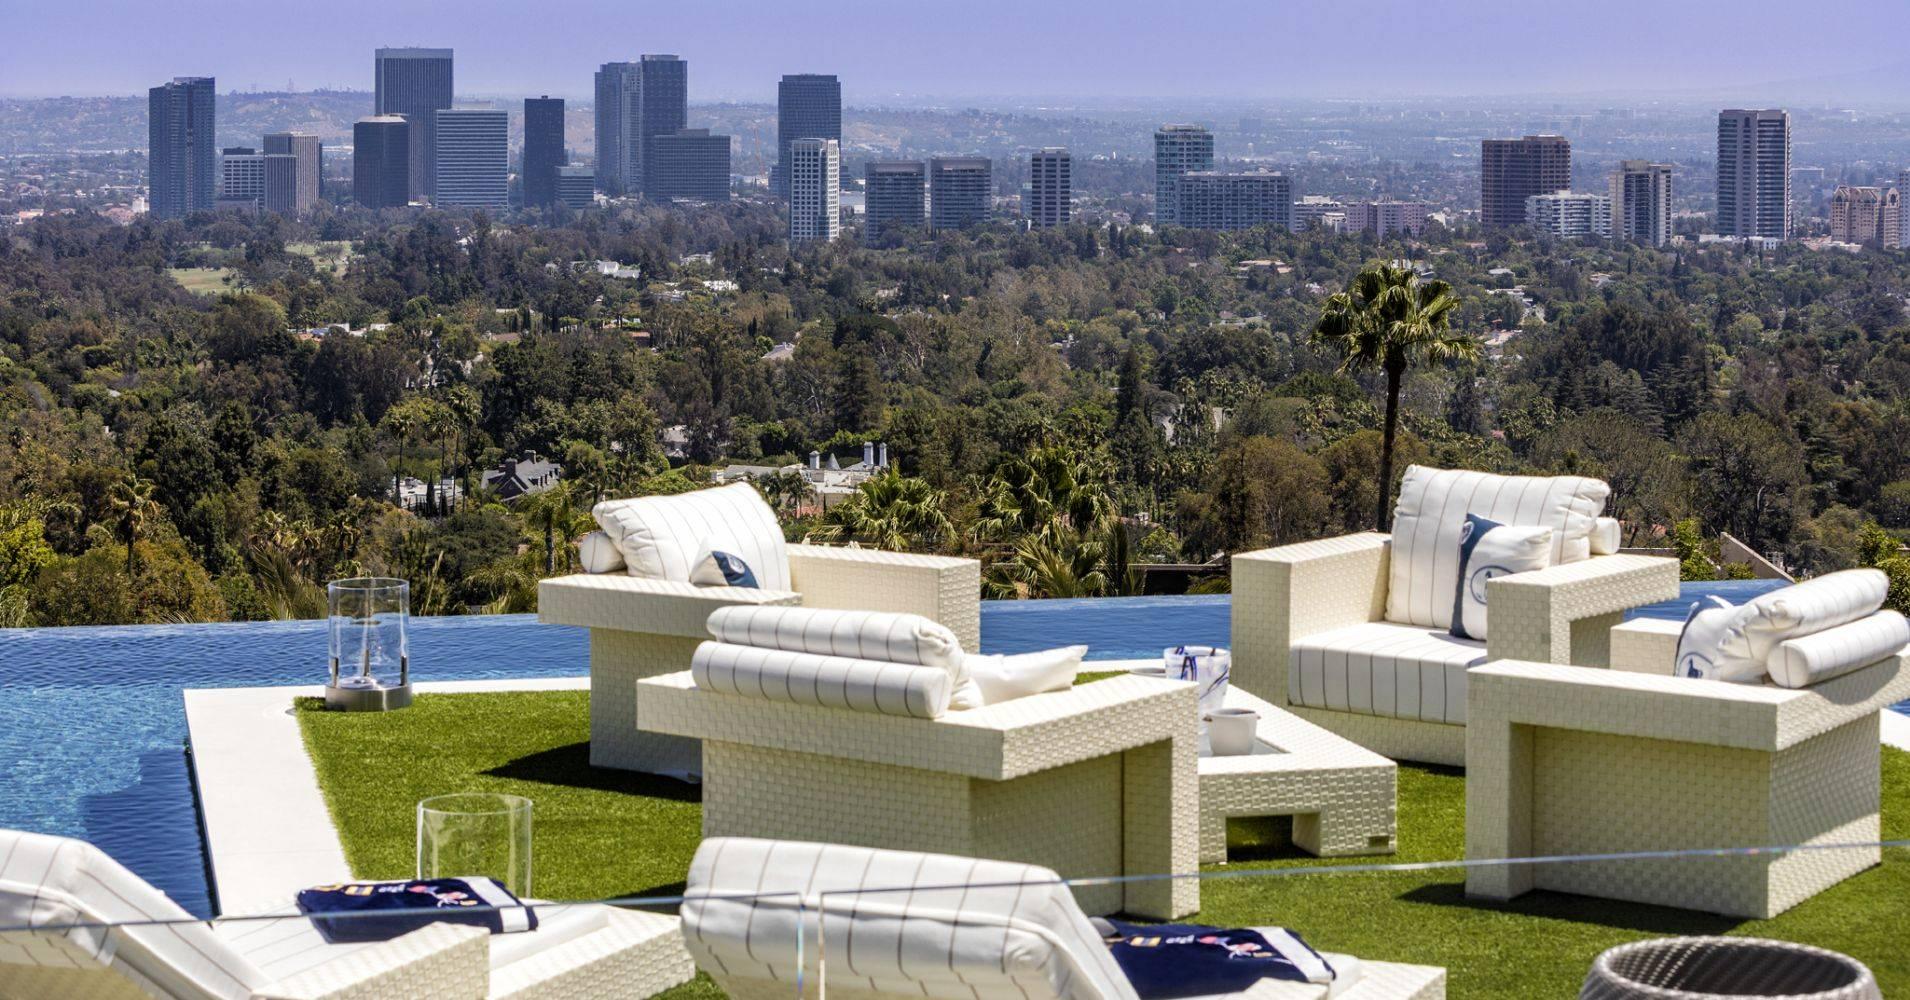 Снять квартиру в лос-анджелесе, сша - советы путешественникам по аренде апартаментов